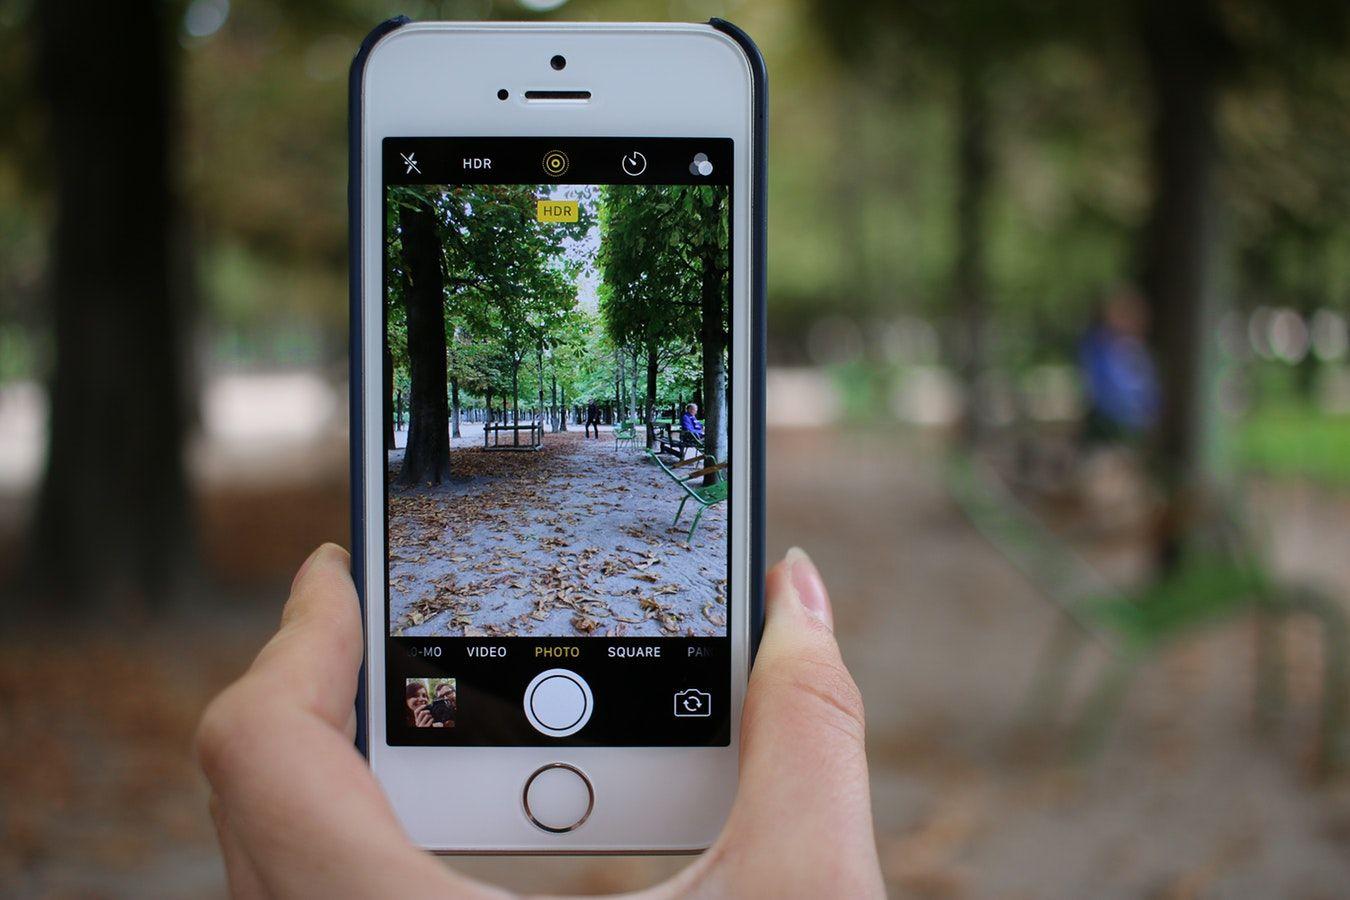 Creare un'app turistica: quali caratteristiche?